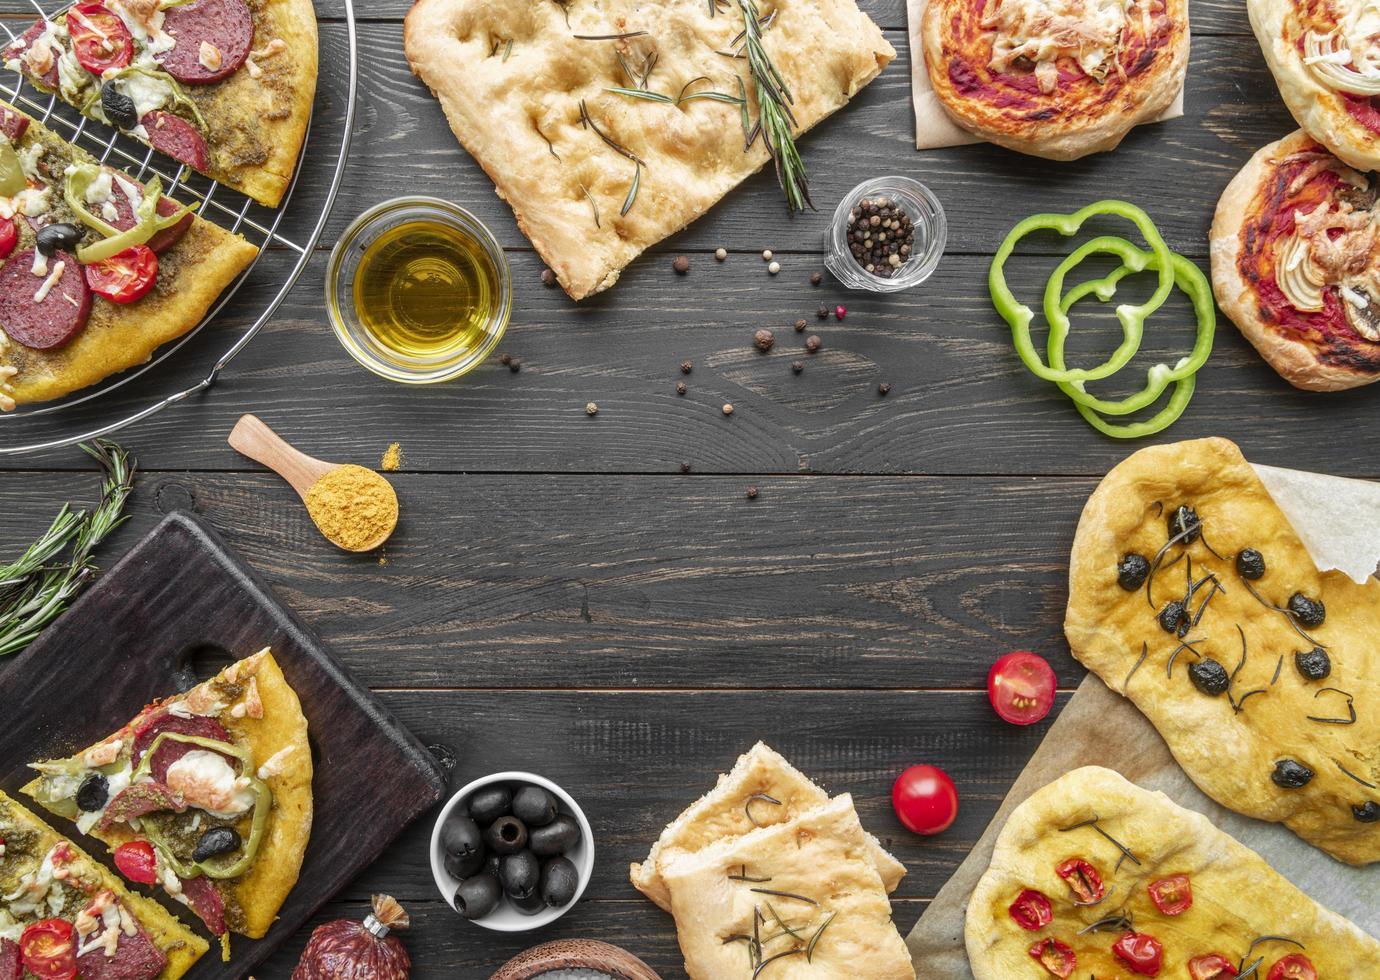 panes planos y pizzas con espacio de copia foto